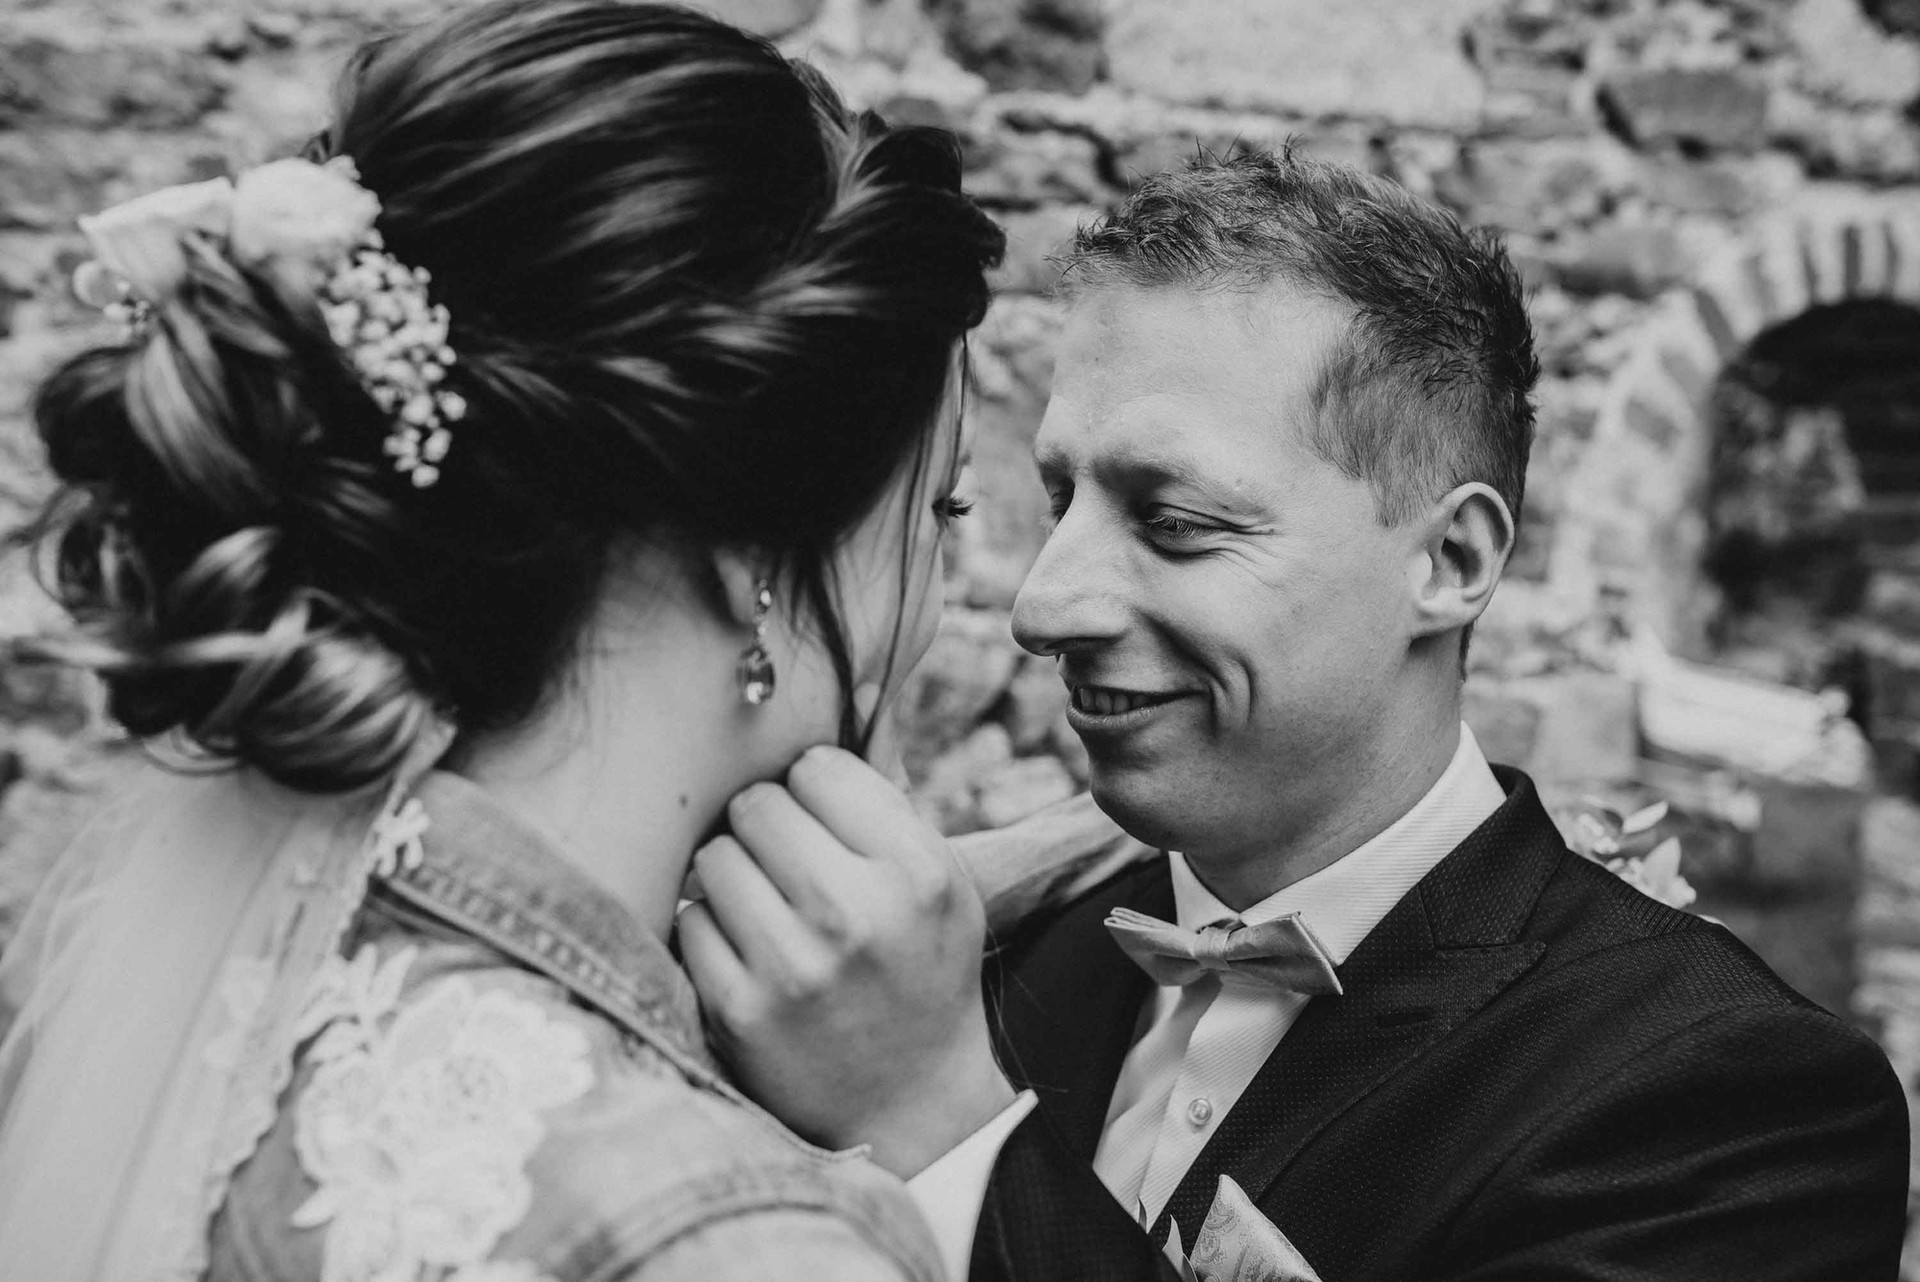 Brautpaarfoto.schwarzweiß.jpg